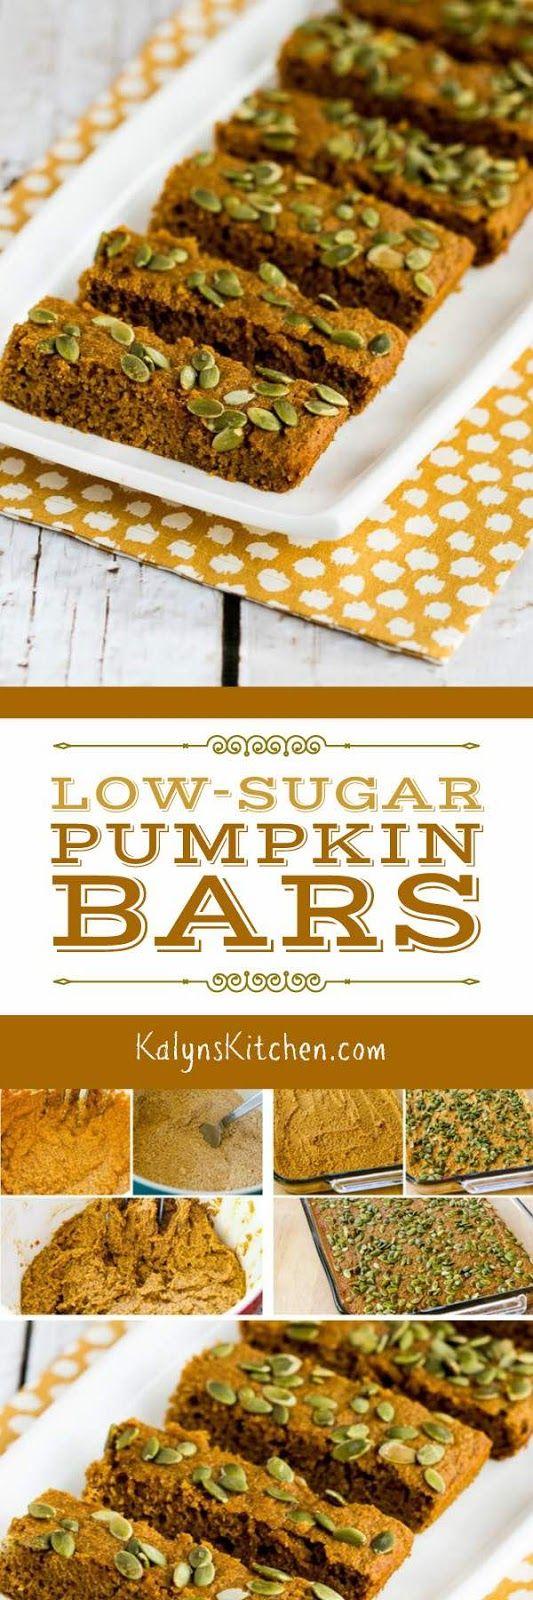 Low-Sugar Pumpkin Bars